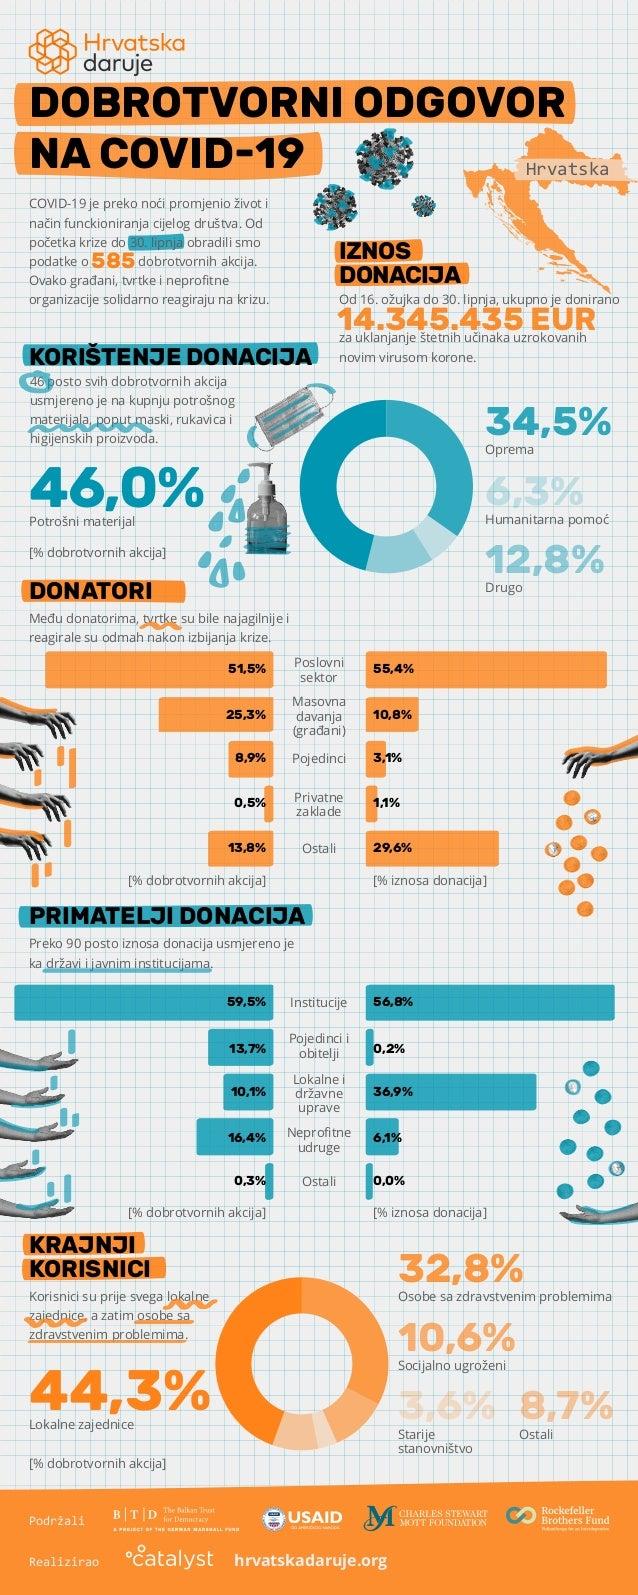 Među donatorima, tvrtke su bile najagilnije i reagirale su odmah nakon izbijanja krize. DONATORI PRIMATELJI DONACIJA Poslo...